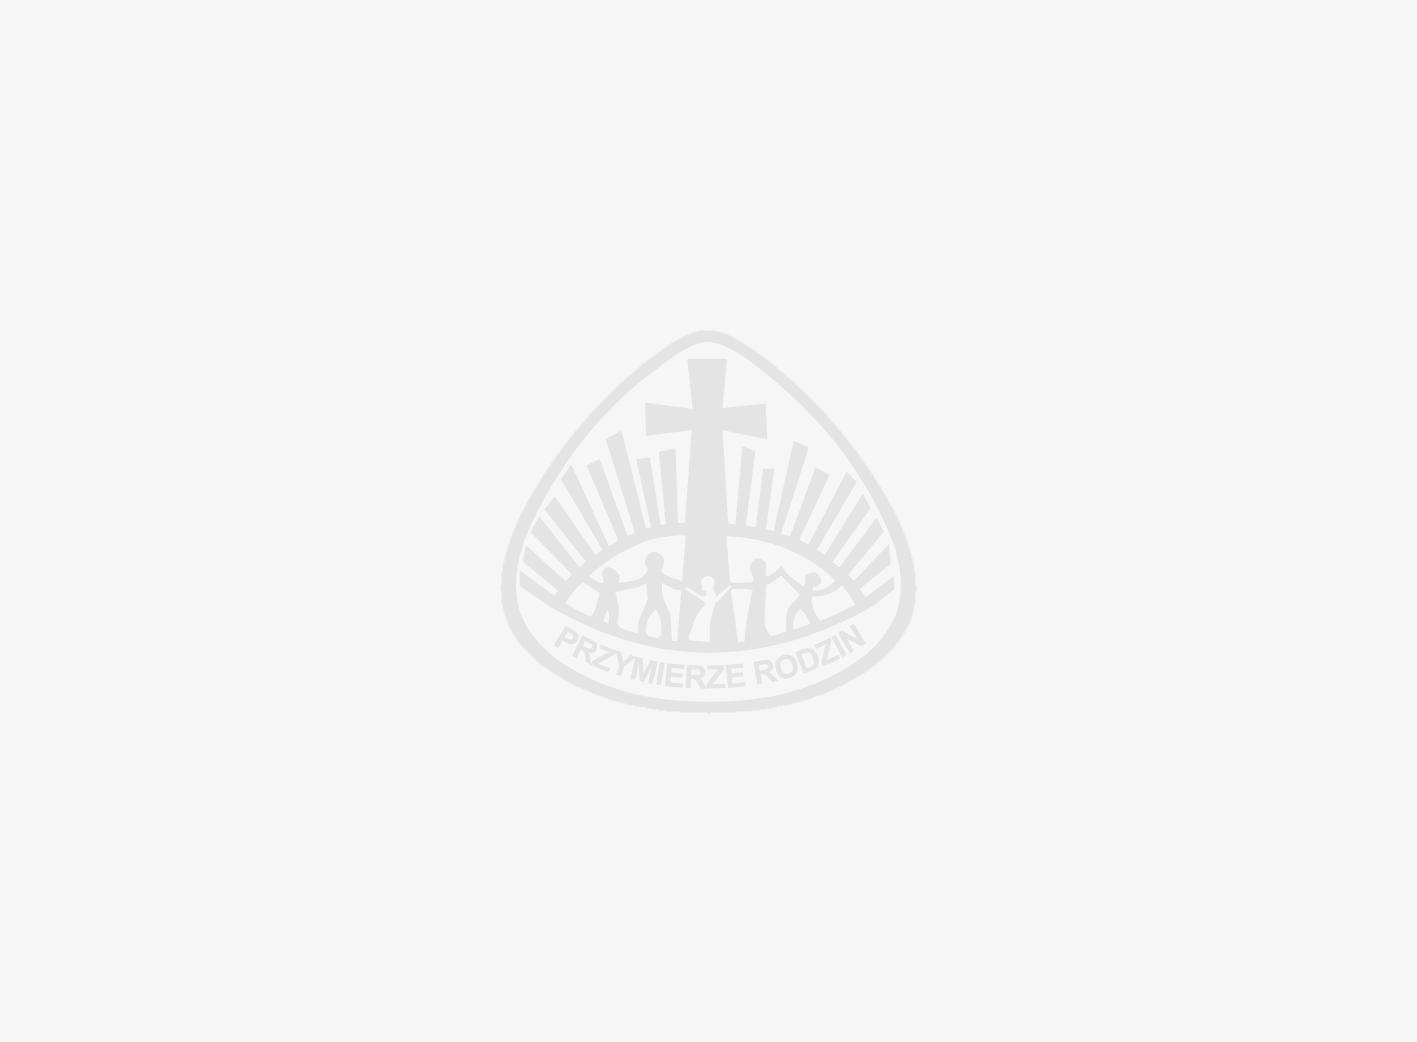 Przymierze Rodzin Logo